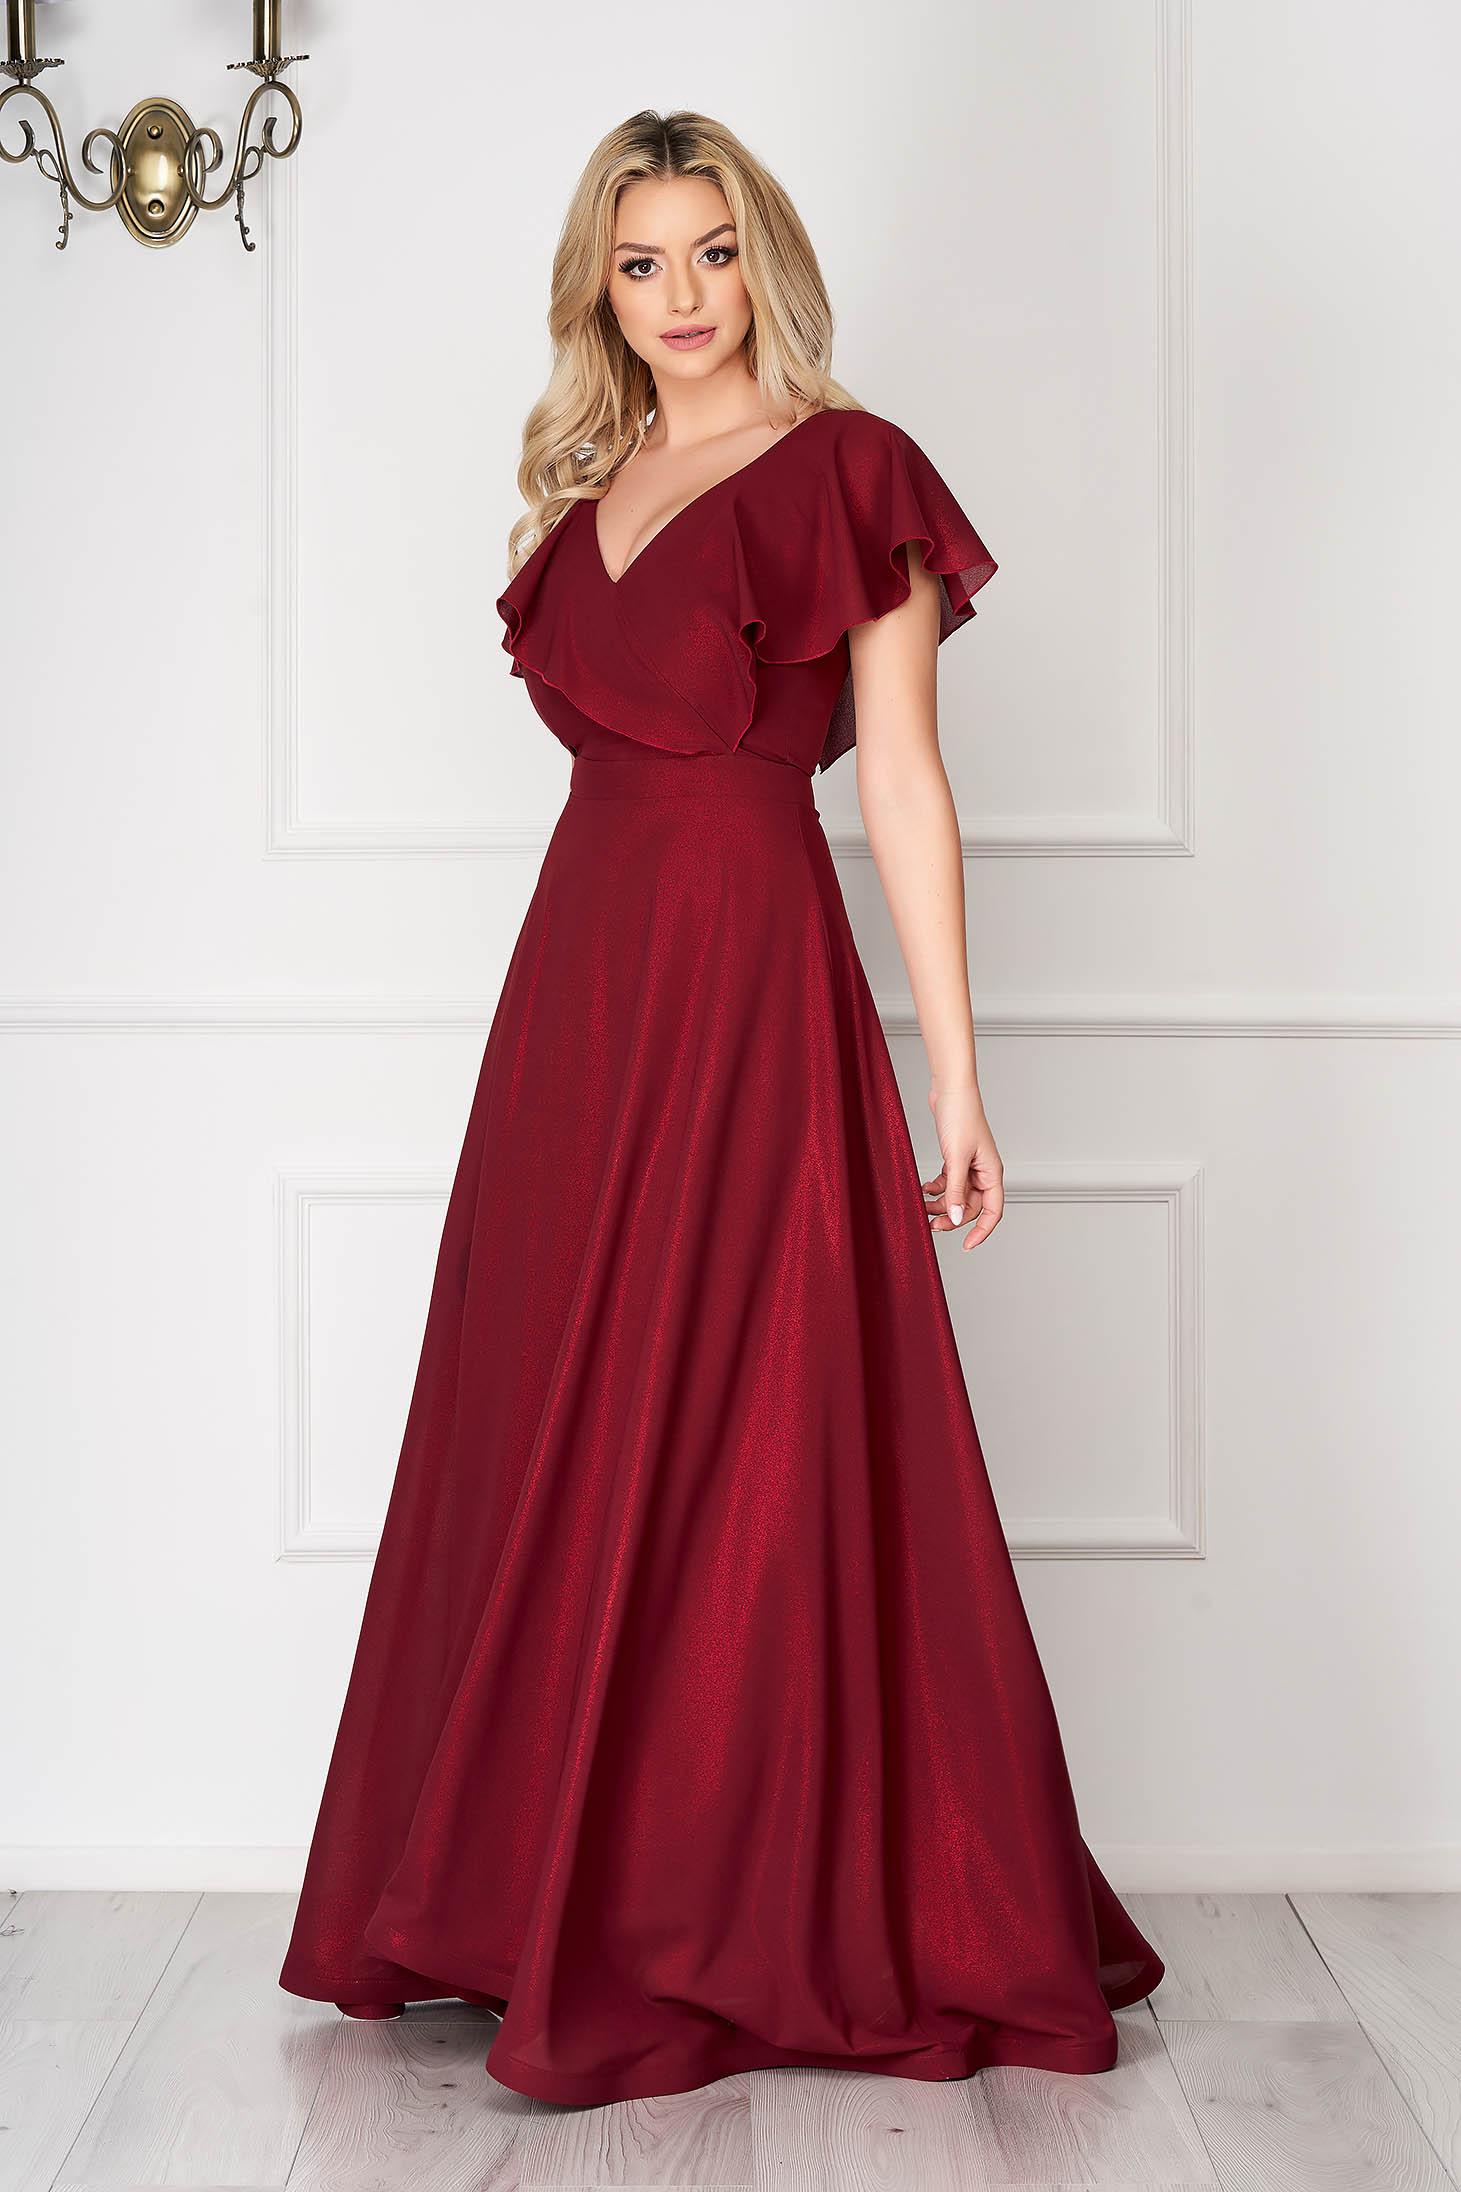 StarShinerS burgundy alkalmi ruha deréktól bővülő szabású fodrokkal a dekoltázs vonalánál